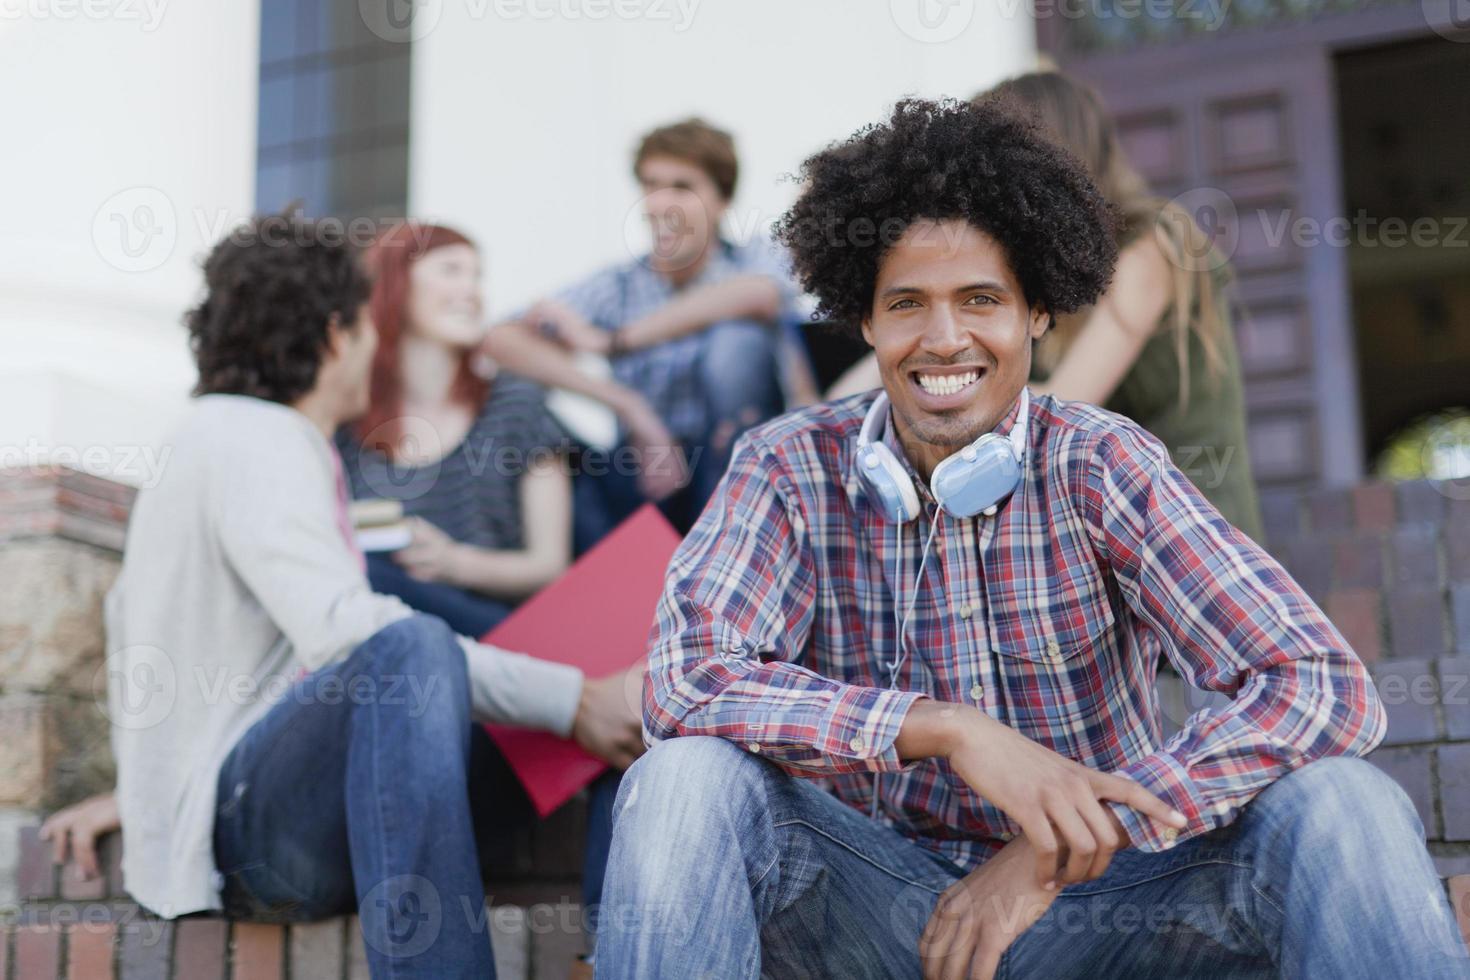 studenten zitten samen op de campus foto